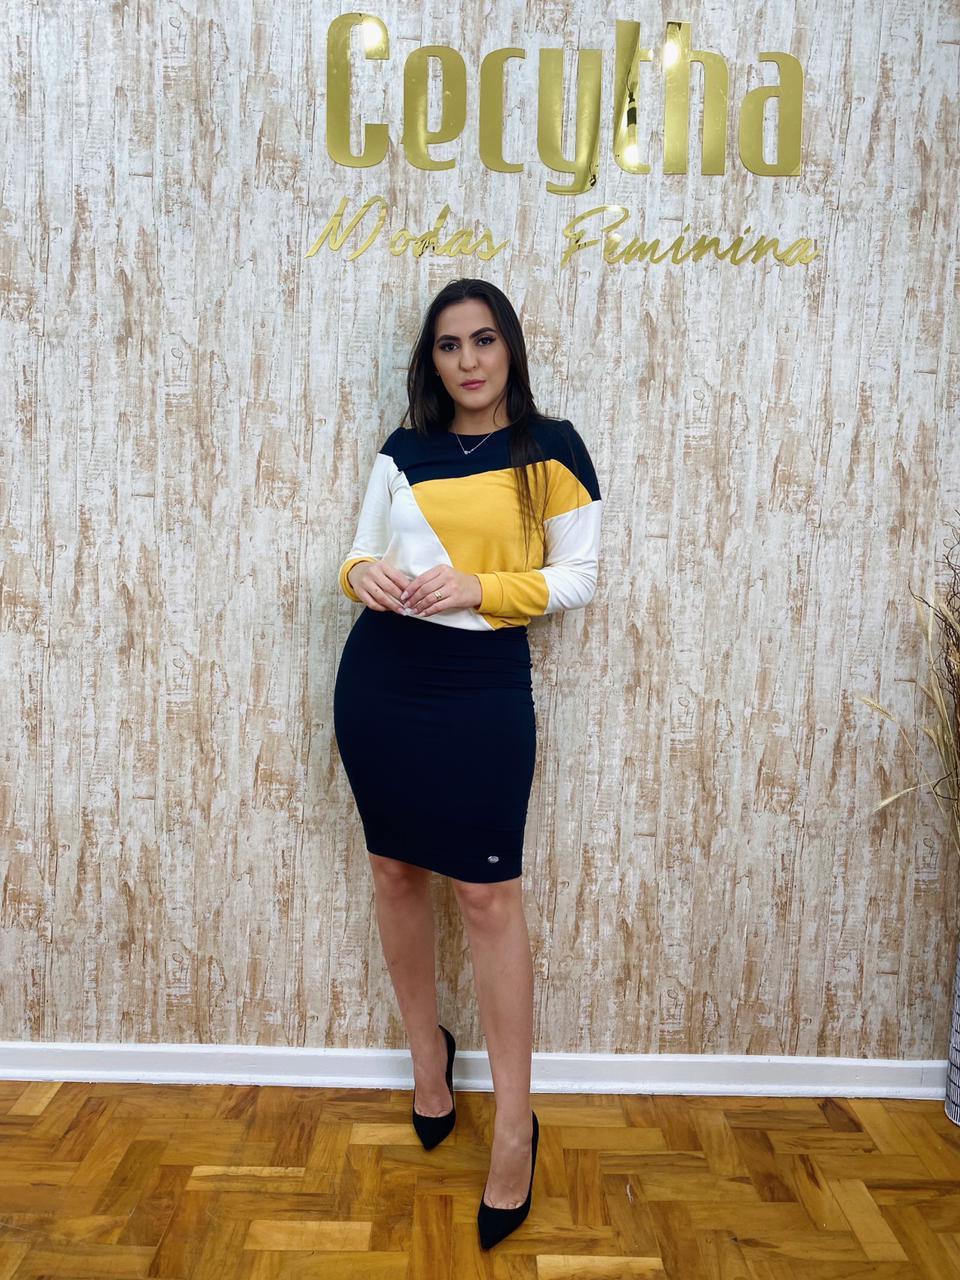 CONJUNTO CECYTHA MODAS LAURA  EM MOLETINHO COM RECORTES MODA EVANGÉLICA